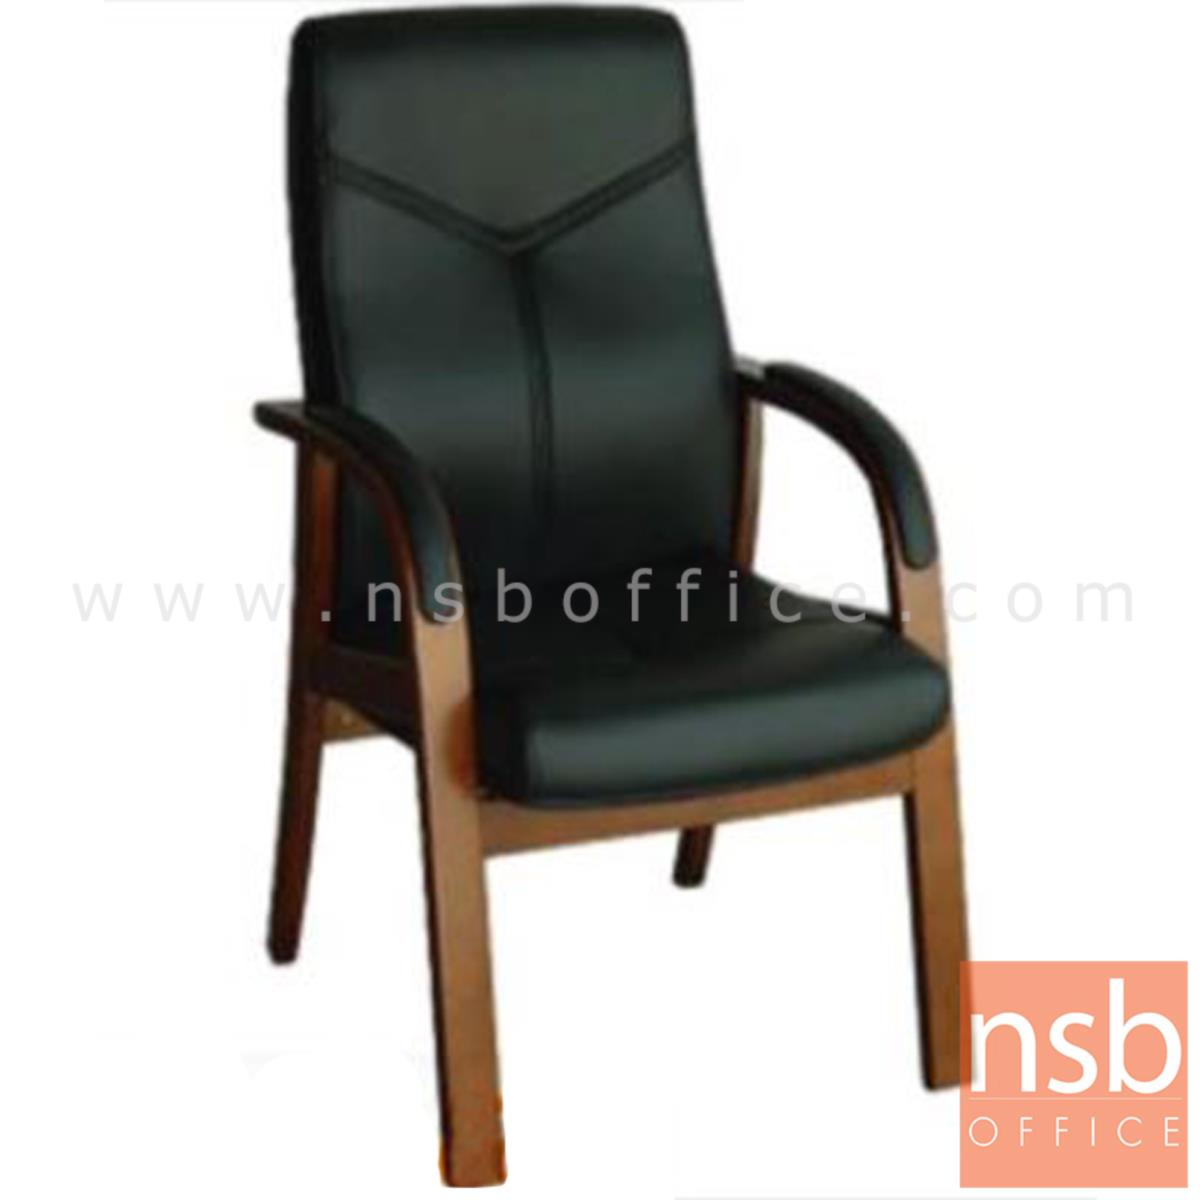 B25A061:เก้าอี้ผู้บริหารหนังเทียม รุ่น Knox (นอกซ์)  ขาไม้